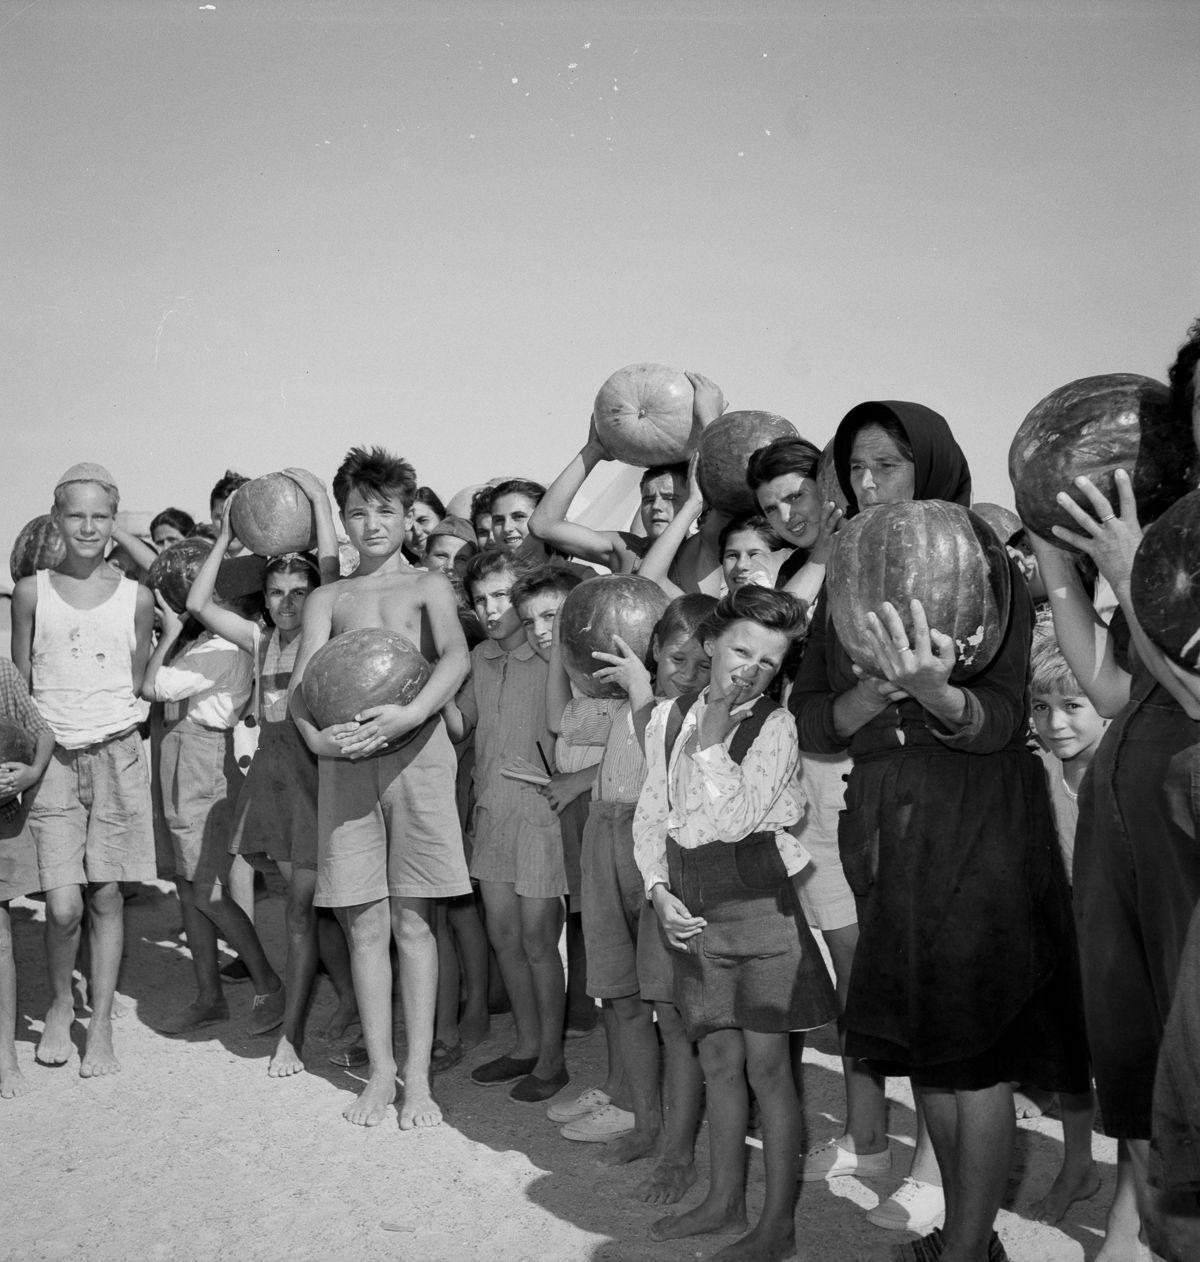 Quando os refugiados fugiram da Europa devastada pela guerra buscando paraísos no Oriente Médio 29